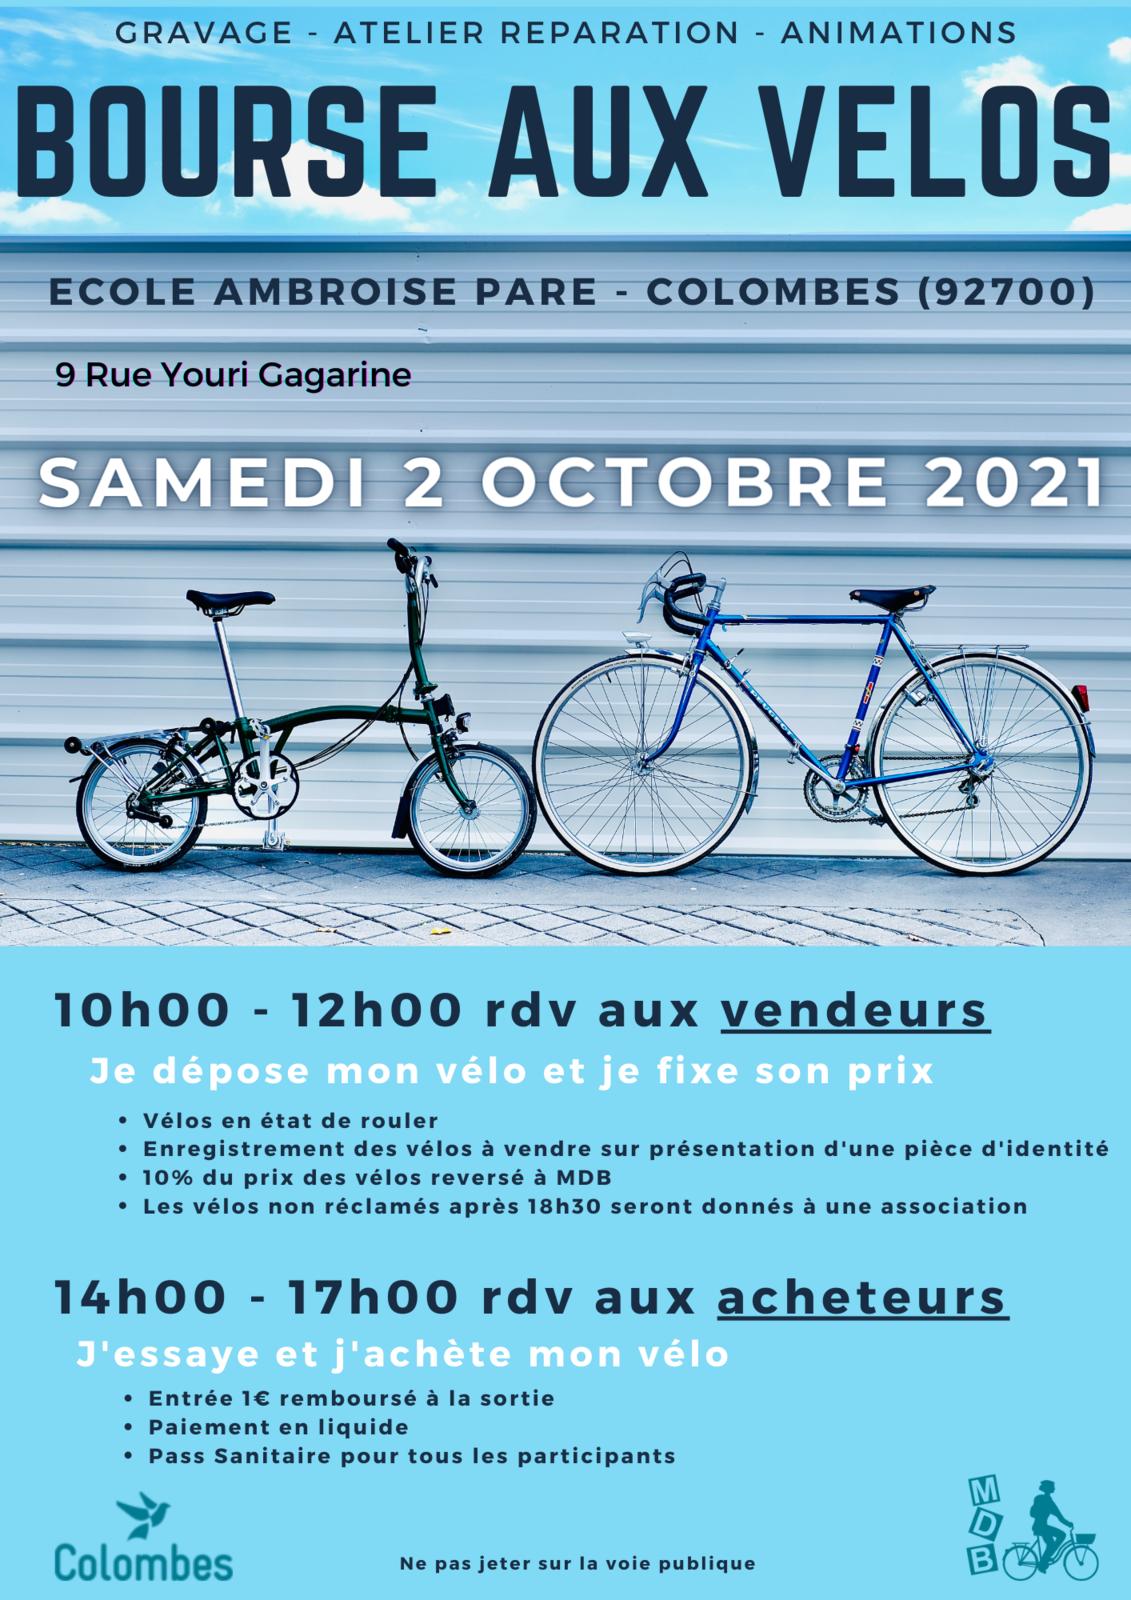 Bourse aux vélos à Colombes : samedi 2 octobre Ambroise Paré